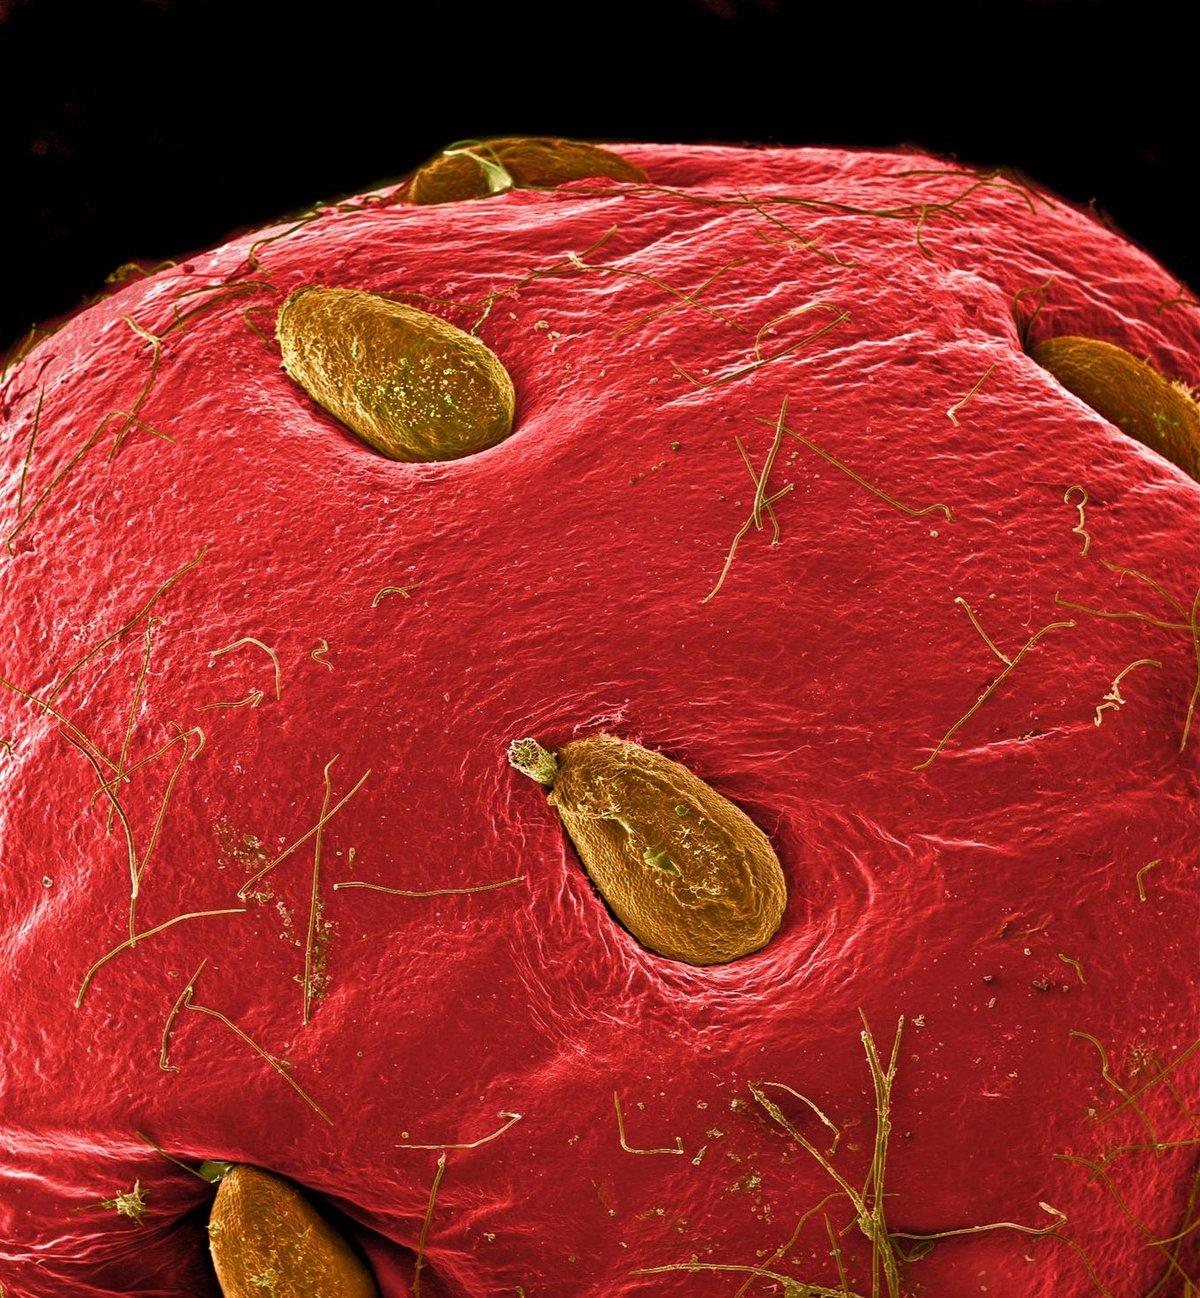 фрукты под микроскопом фото том числе